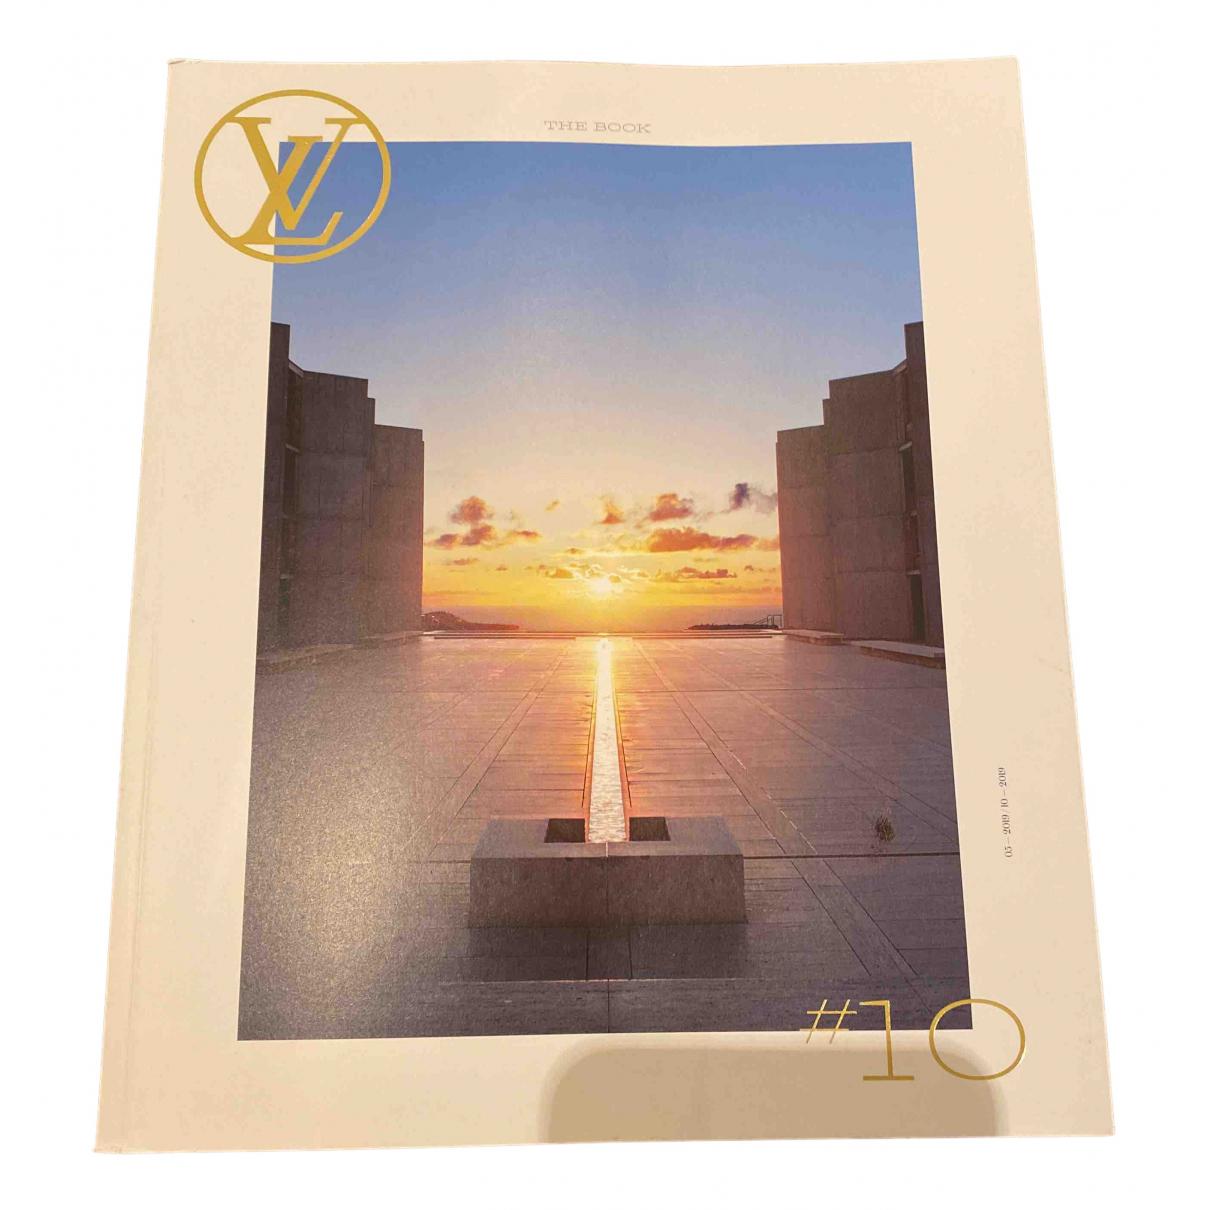 Louis Vuitton - Photographie   pour lifestyle en bois - blanc